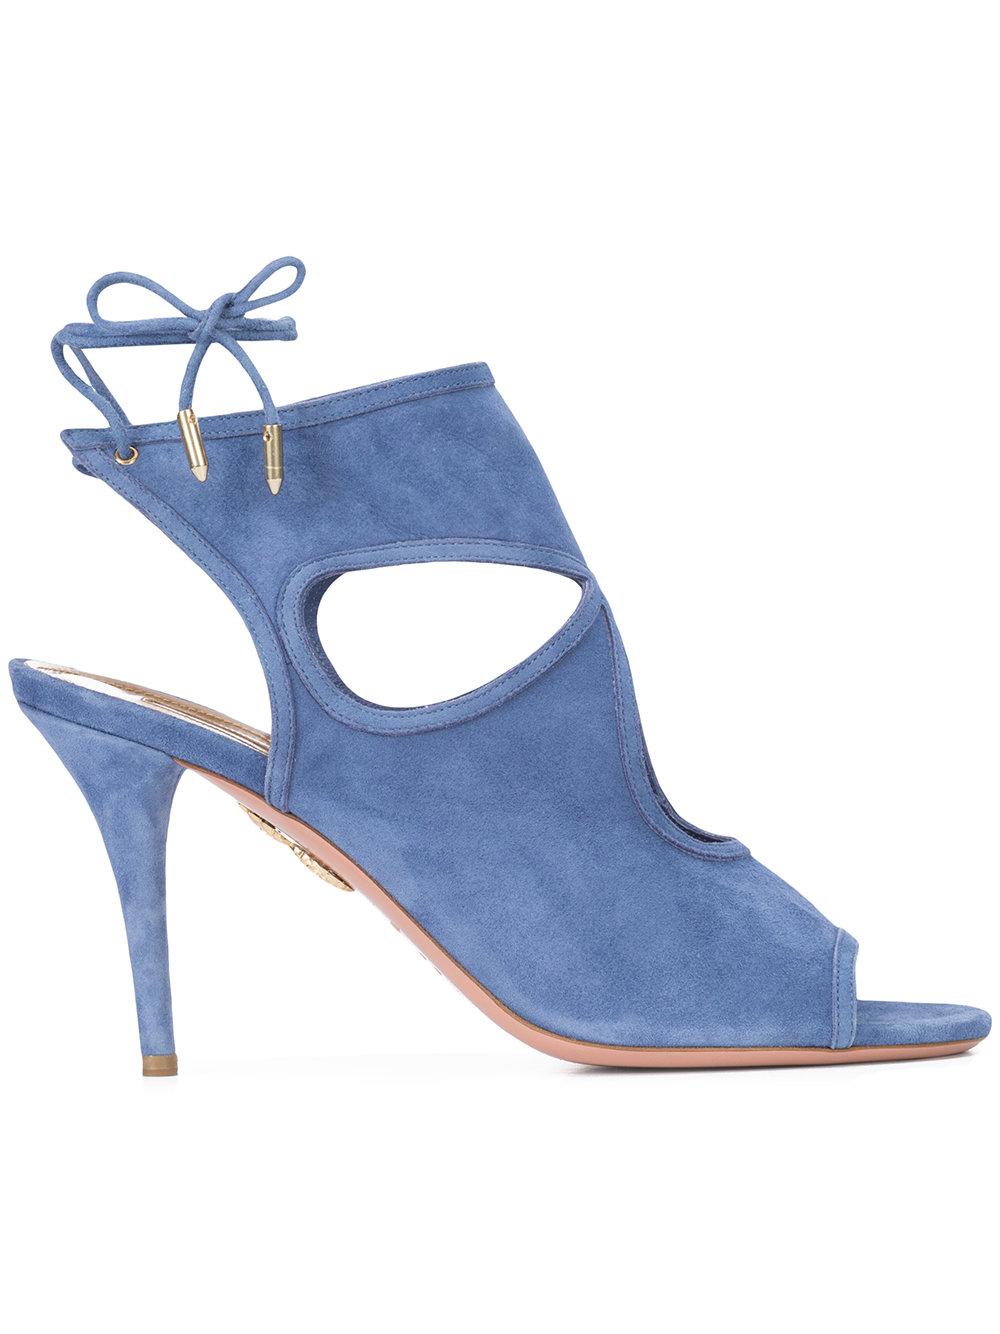 AQUAZZURA  sandals $565